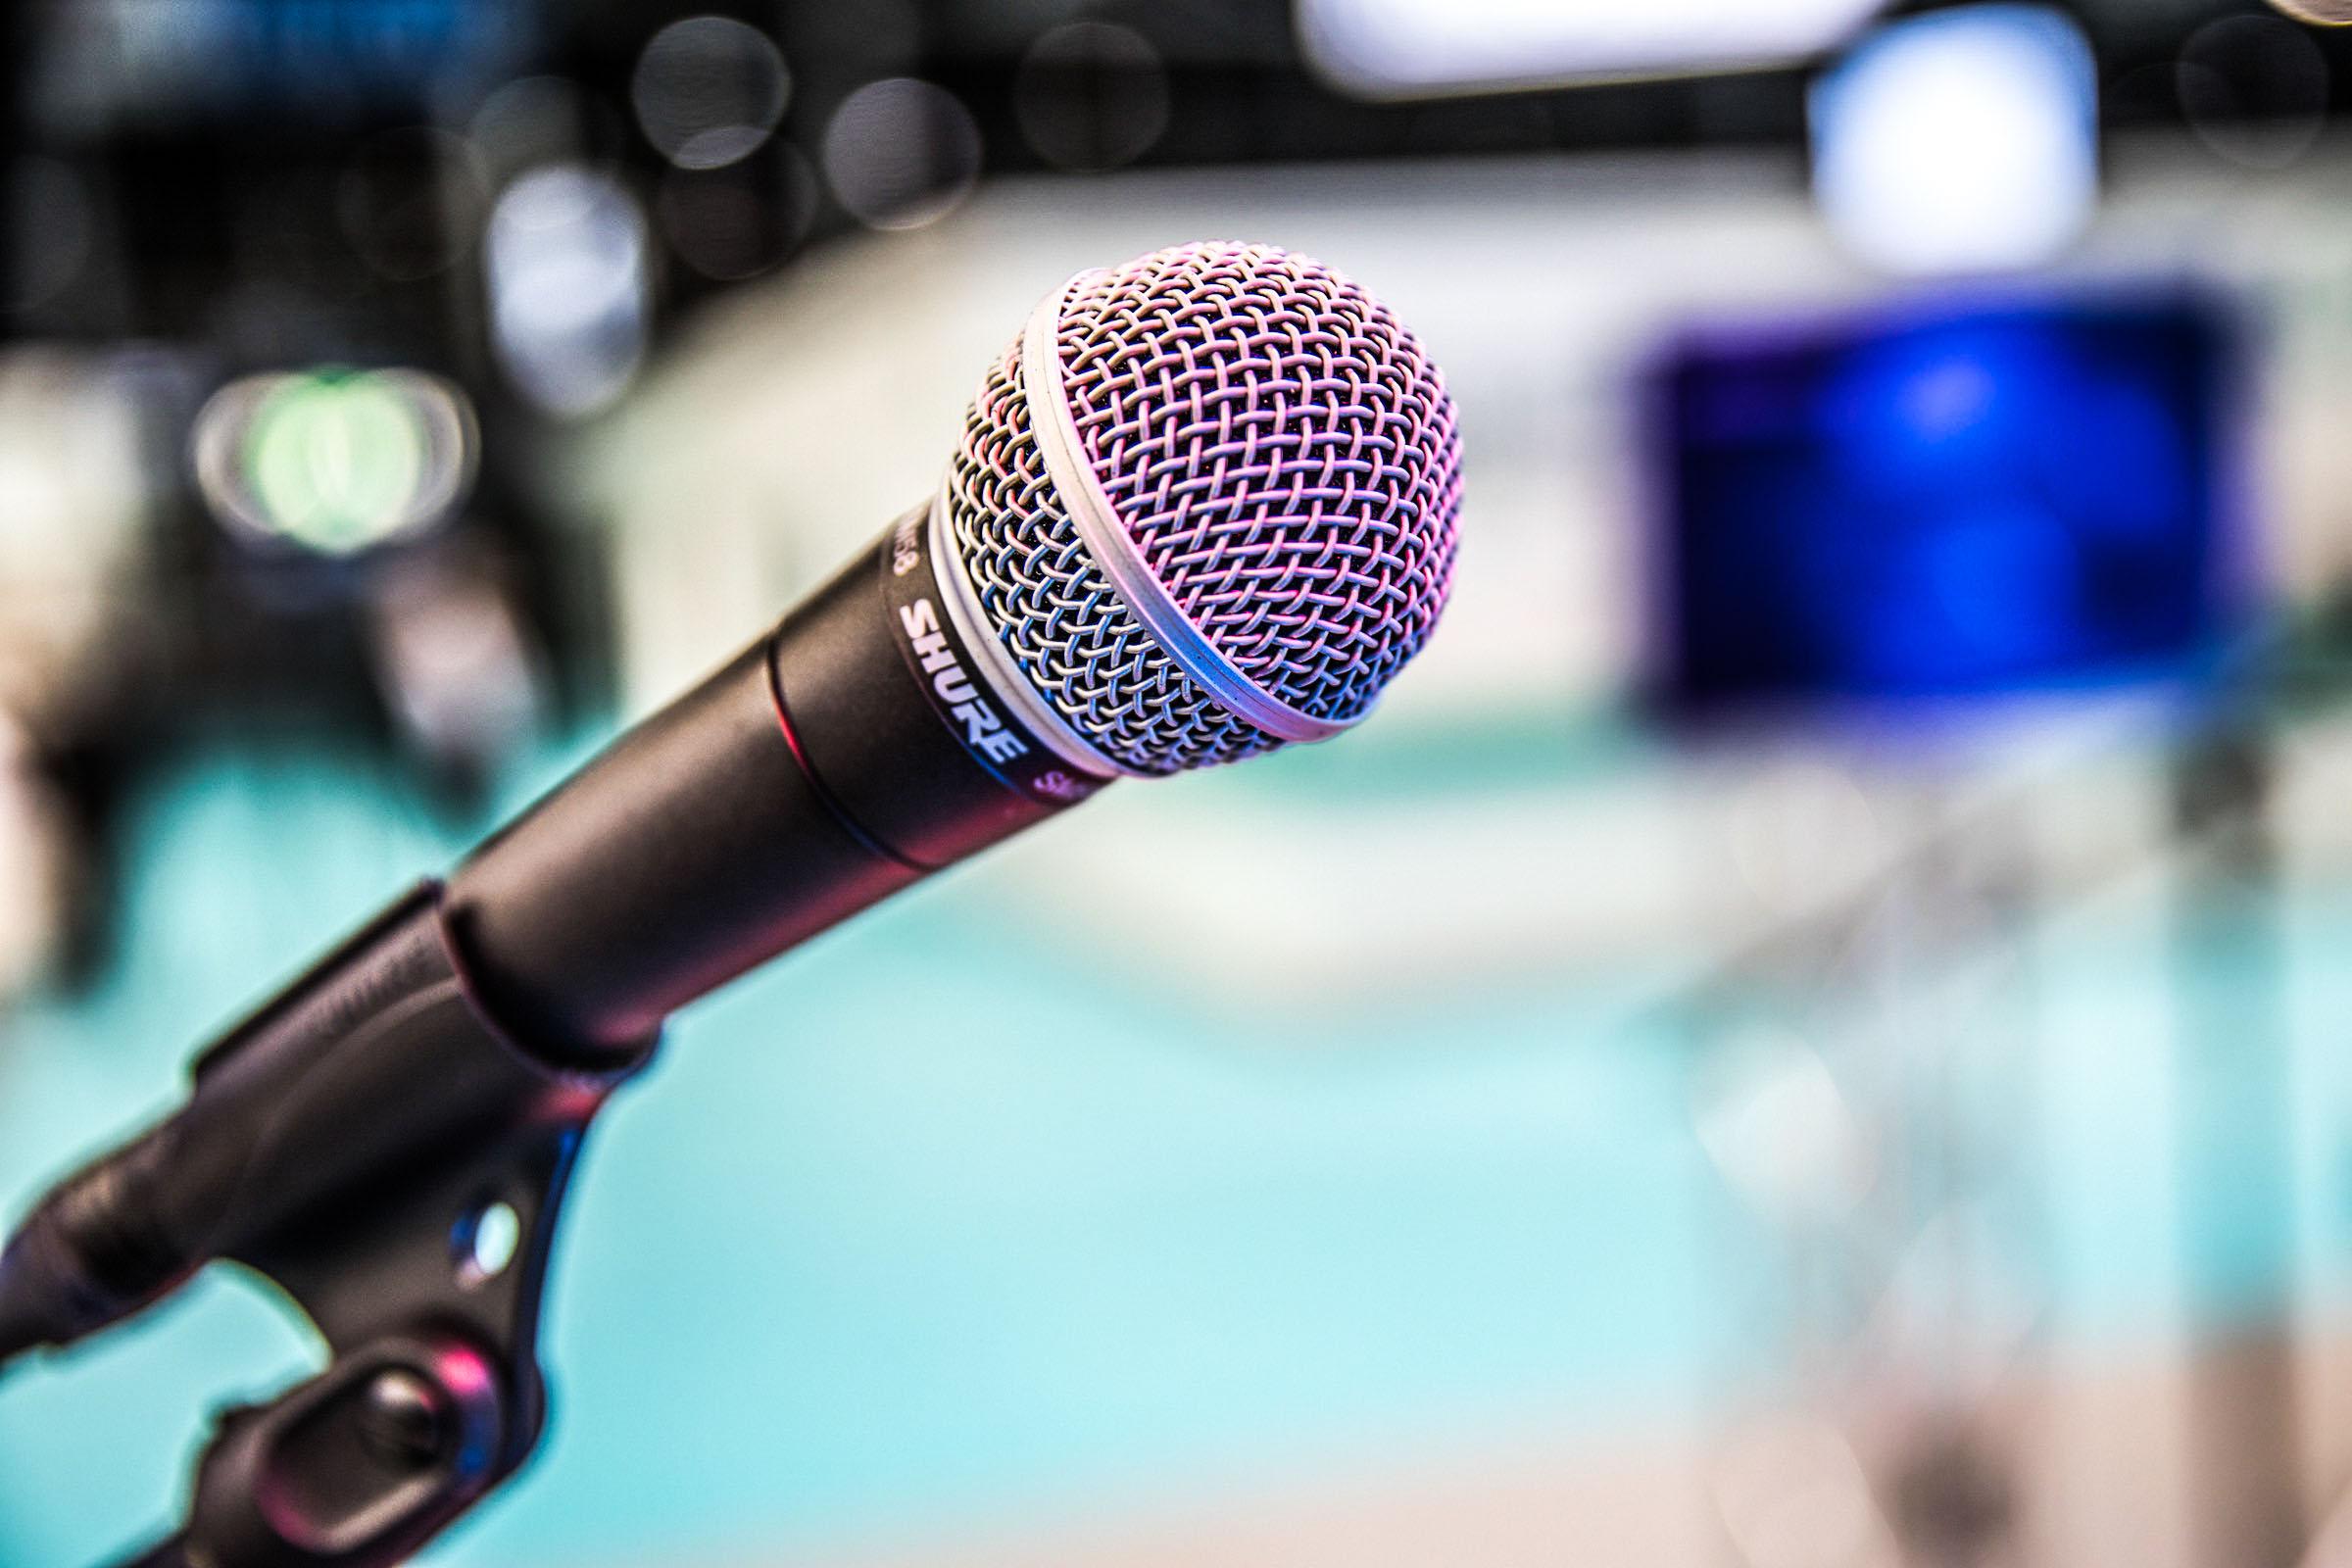 Karaoke | Maschine | Karaoke | Automat | Karaokeanlage | Karaoke | Anlage | Karaoke | Songs | Leihen | Buchen | Mieten | Lehmann | Eventservice | Hannover | Braunschweig | Hameln | Hildesheim